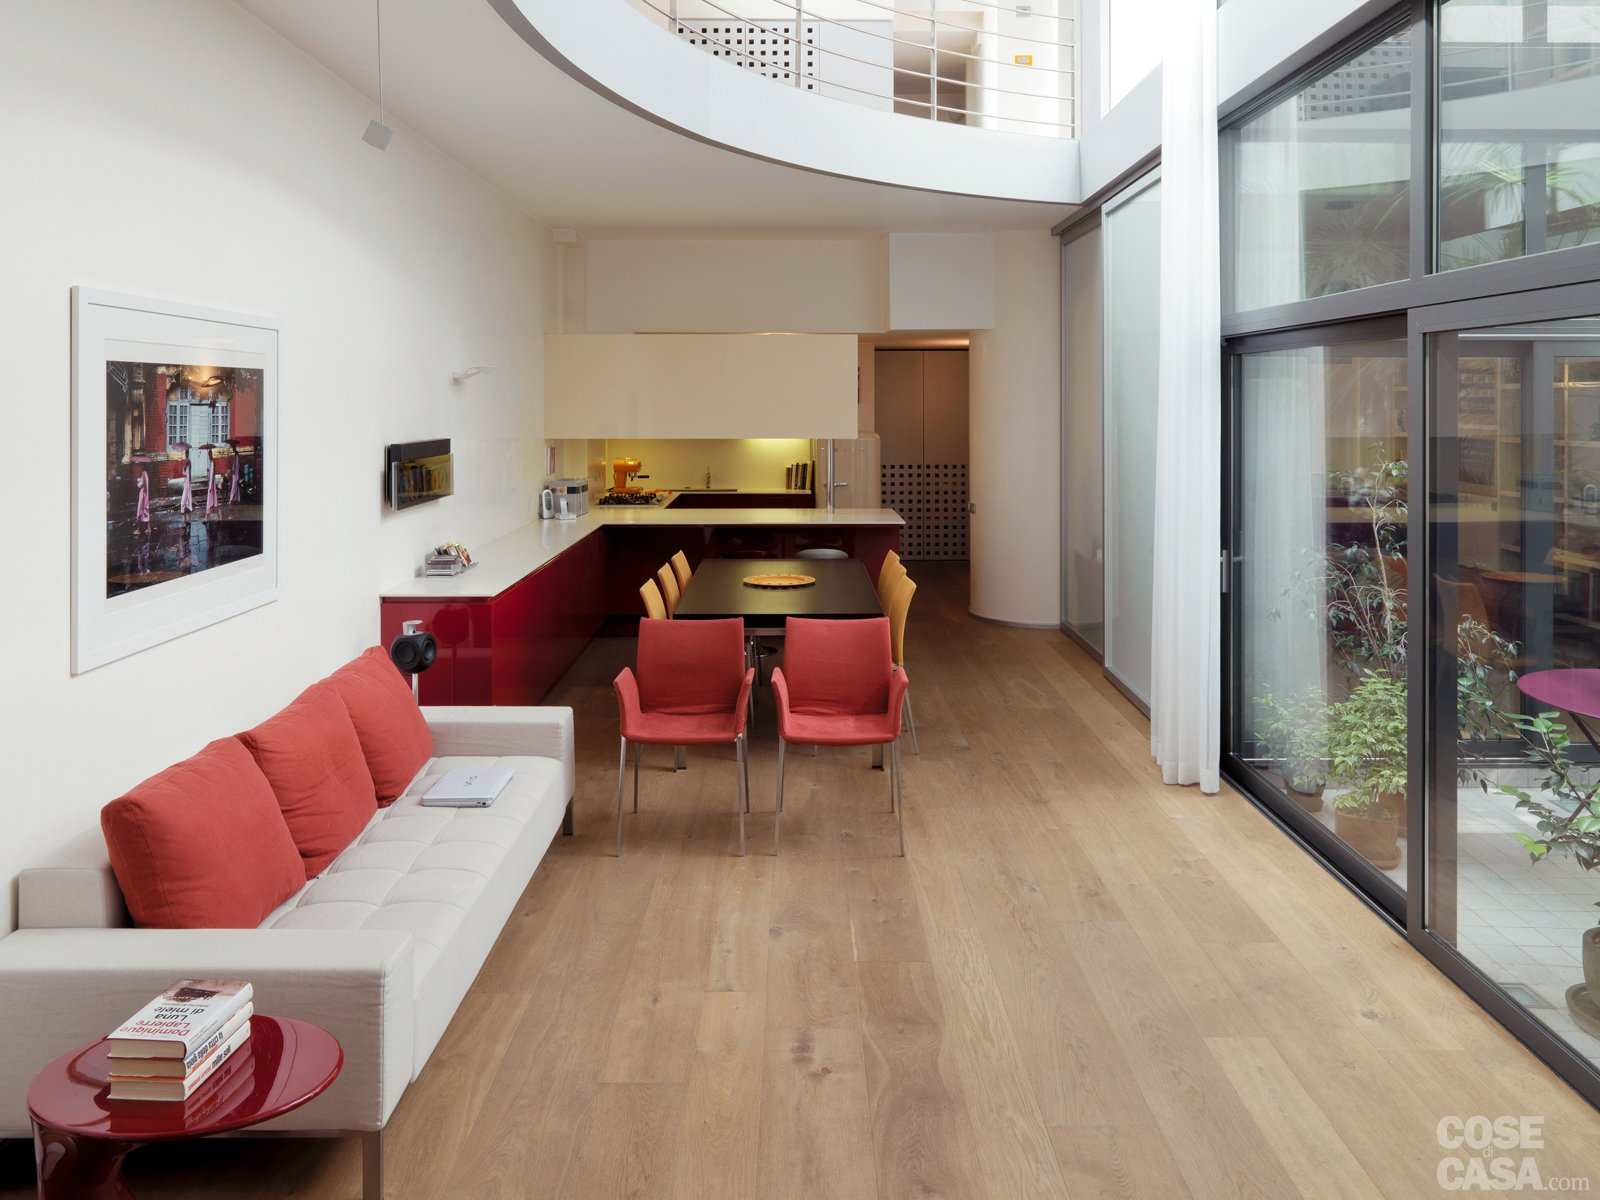 Una casa su due piani da un ex garage cose di casa for Piani di lusso a casa singola storia